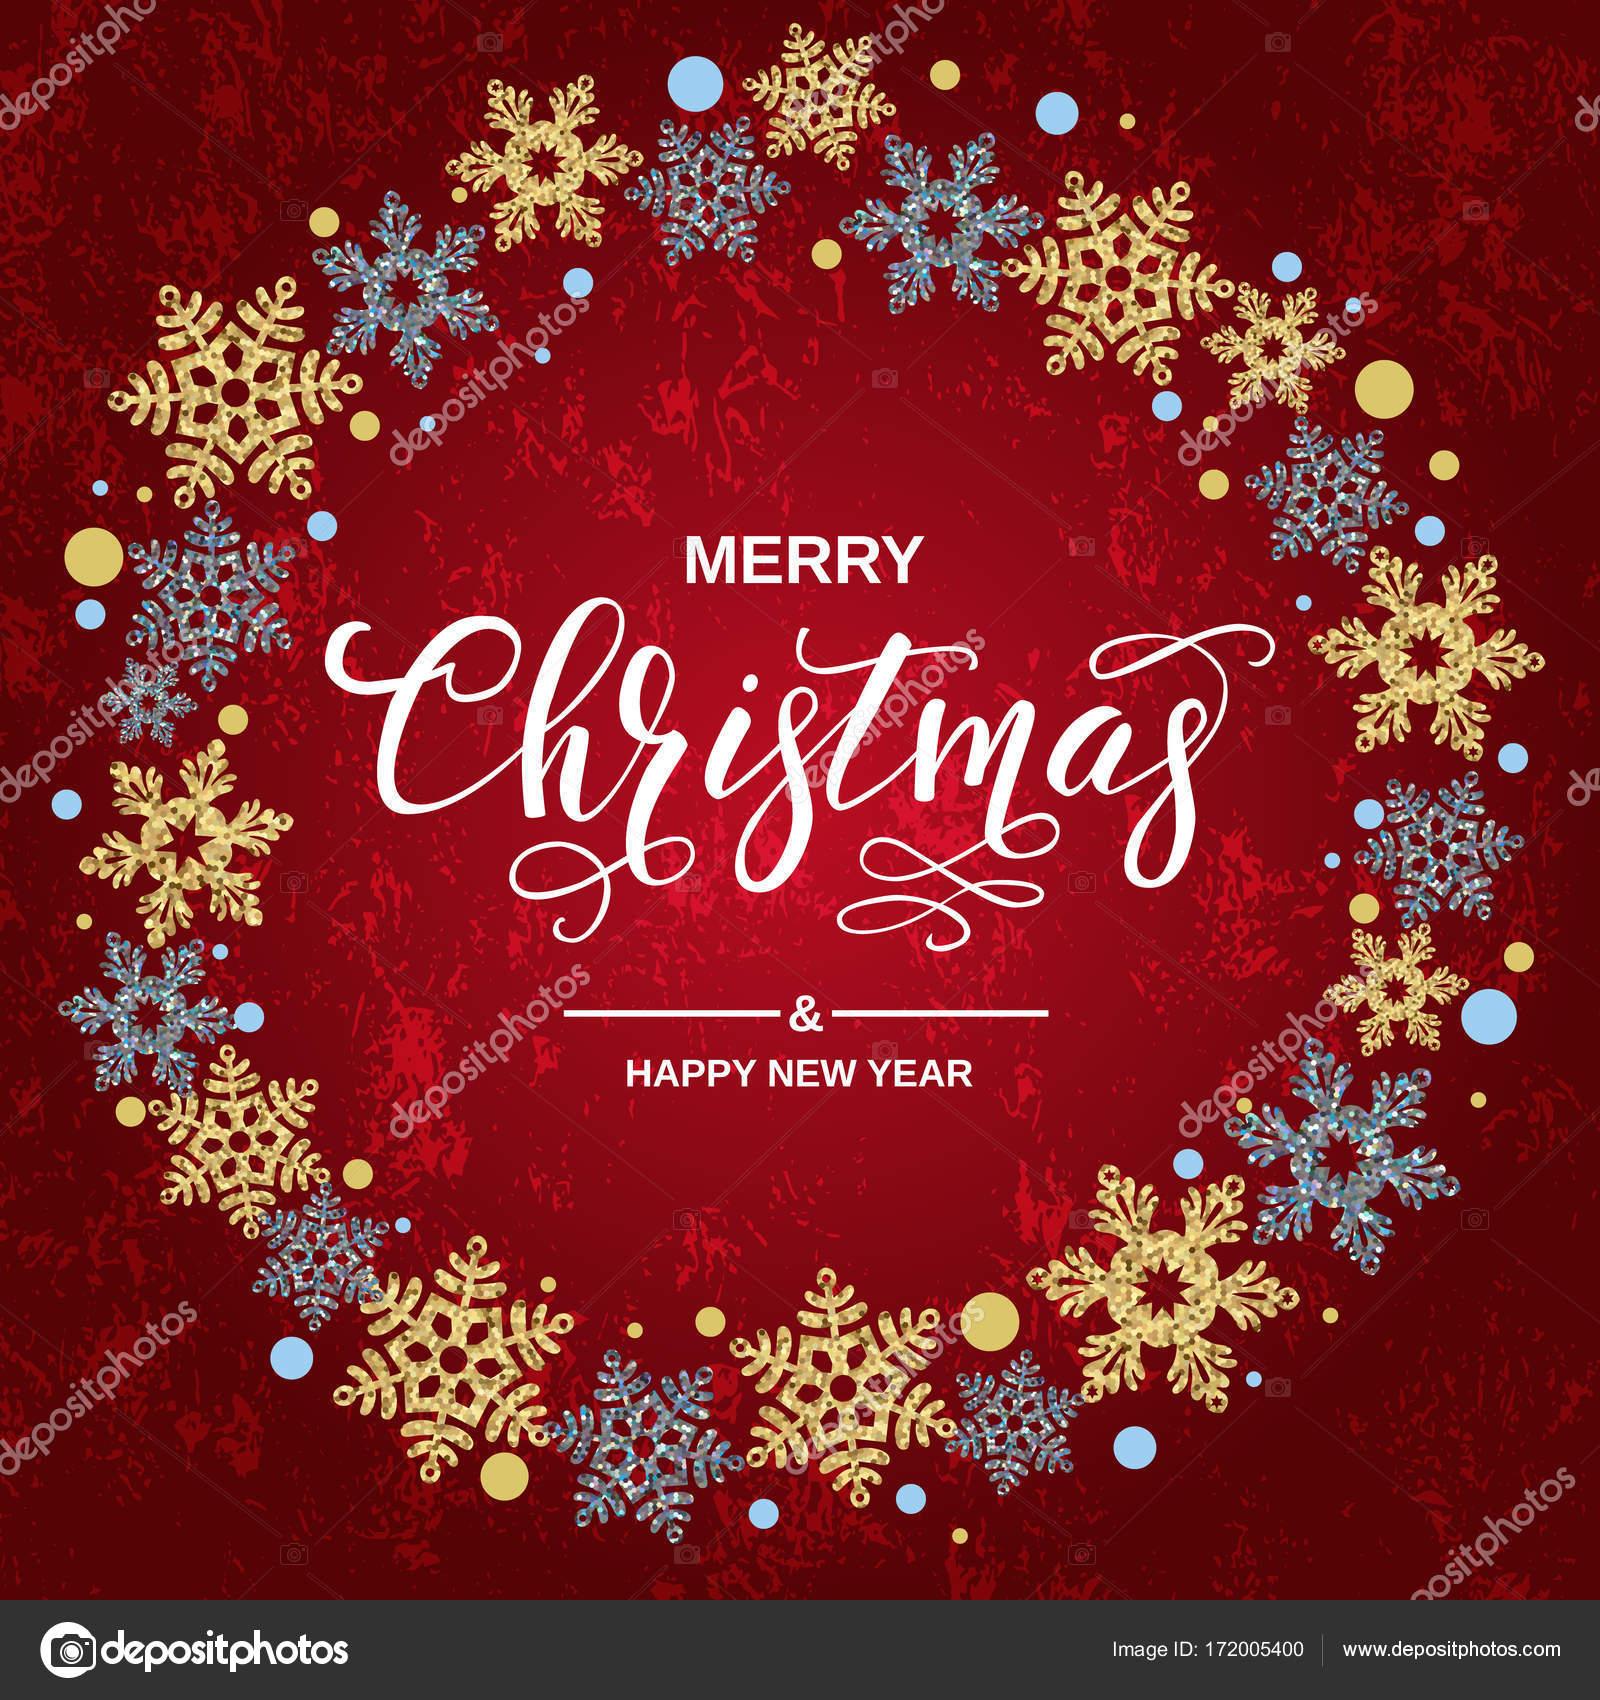 Frohe Weihnachten Handschrift Skript Schriftzug. Gruß zu Weihnachten ...